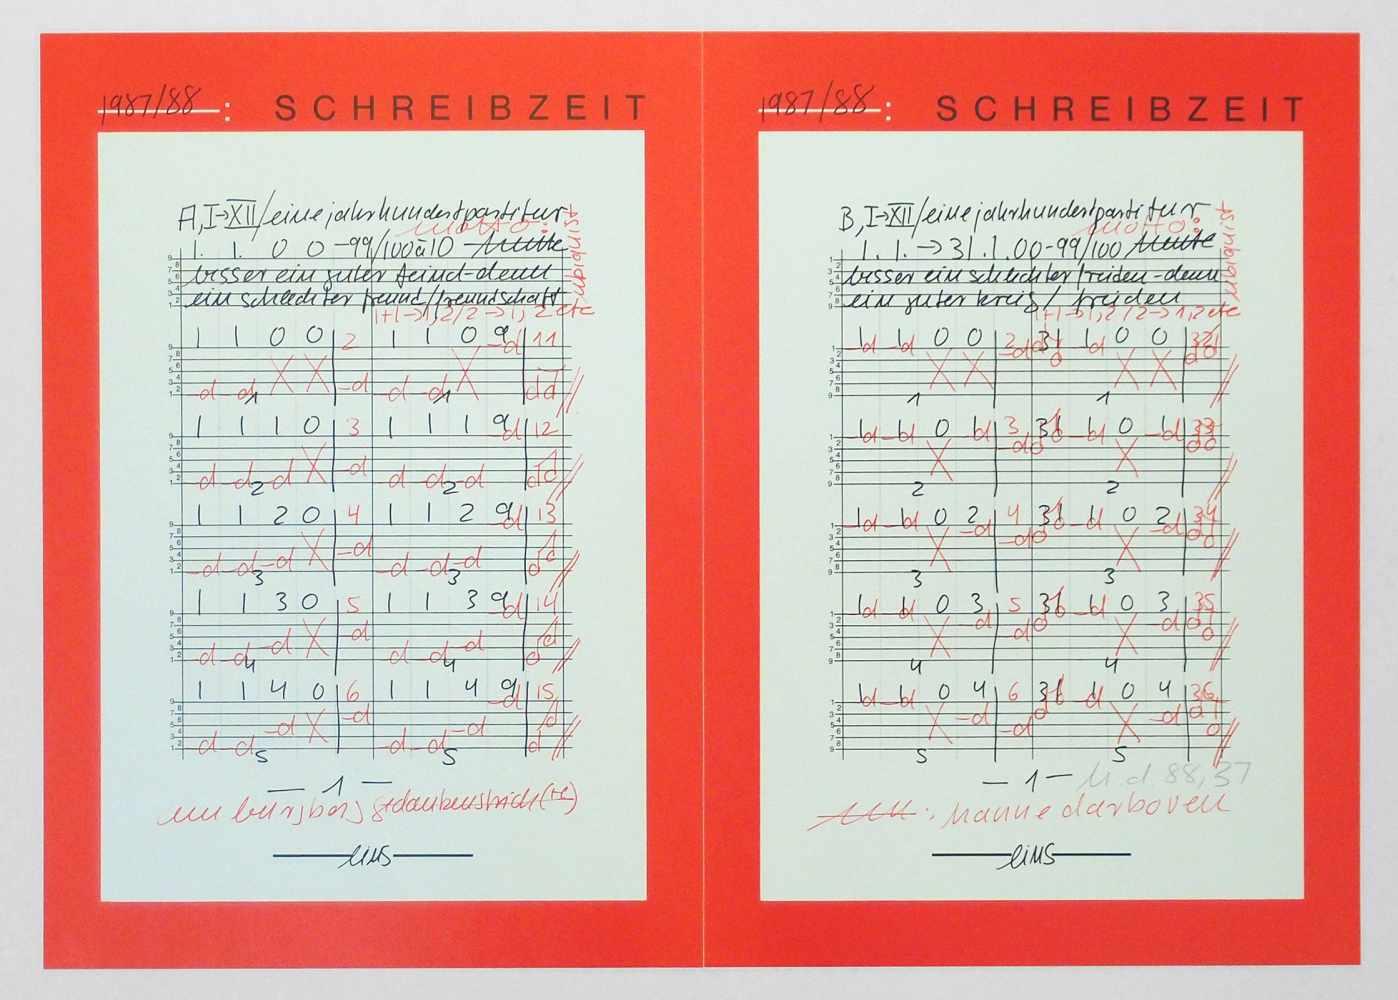 Lot 51 - Hanne DarbovenMünchen 1941 - 2009 HamburgEine Jahrhundertpartitur / Schreibzeit. Farb. Offset (